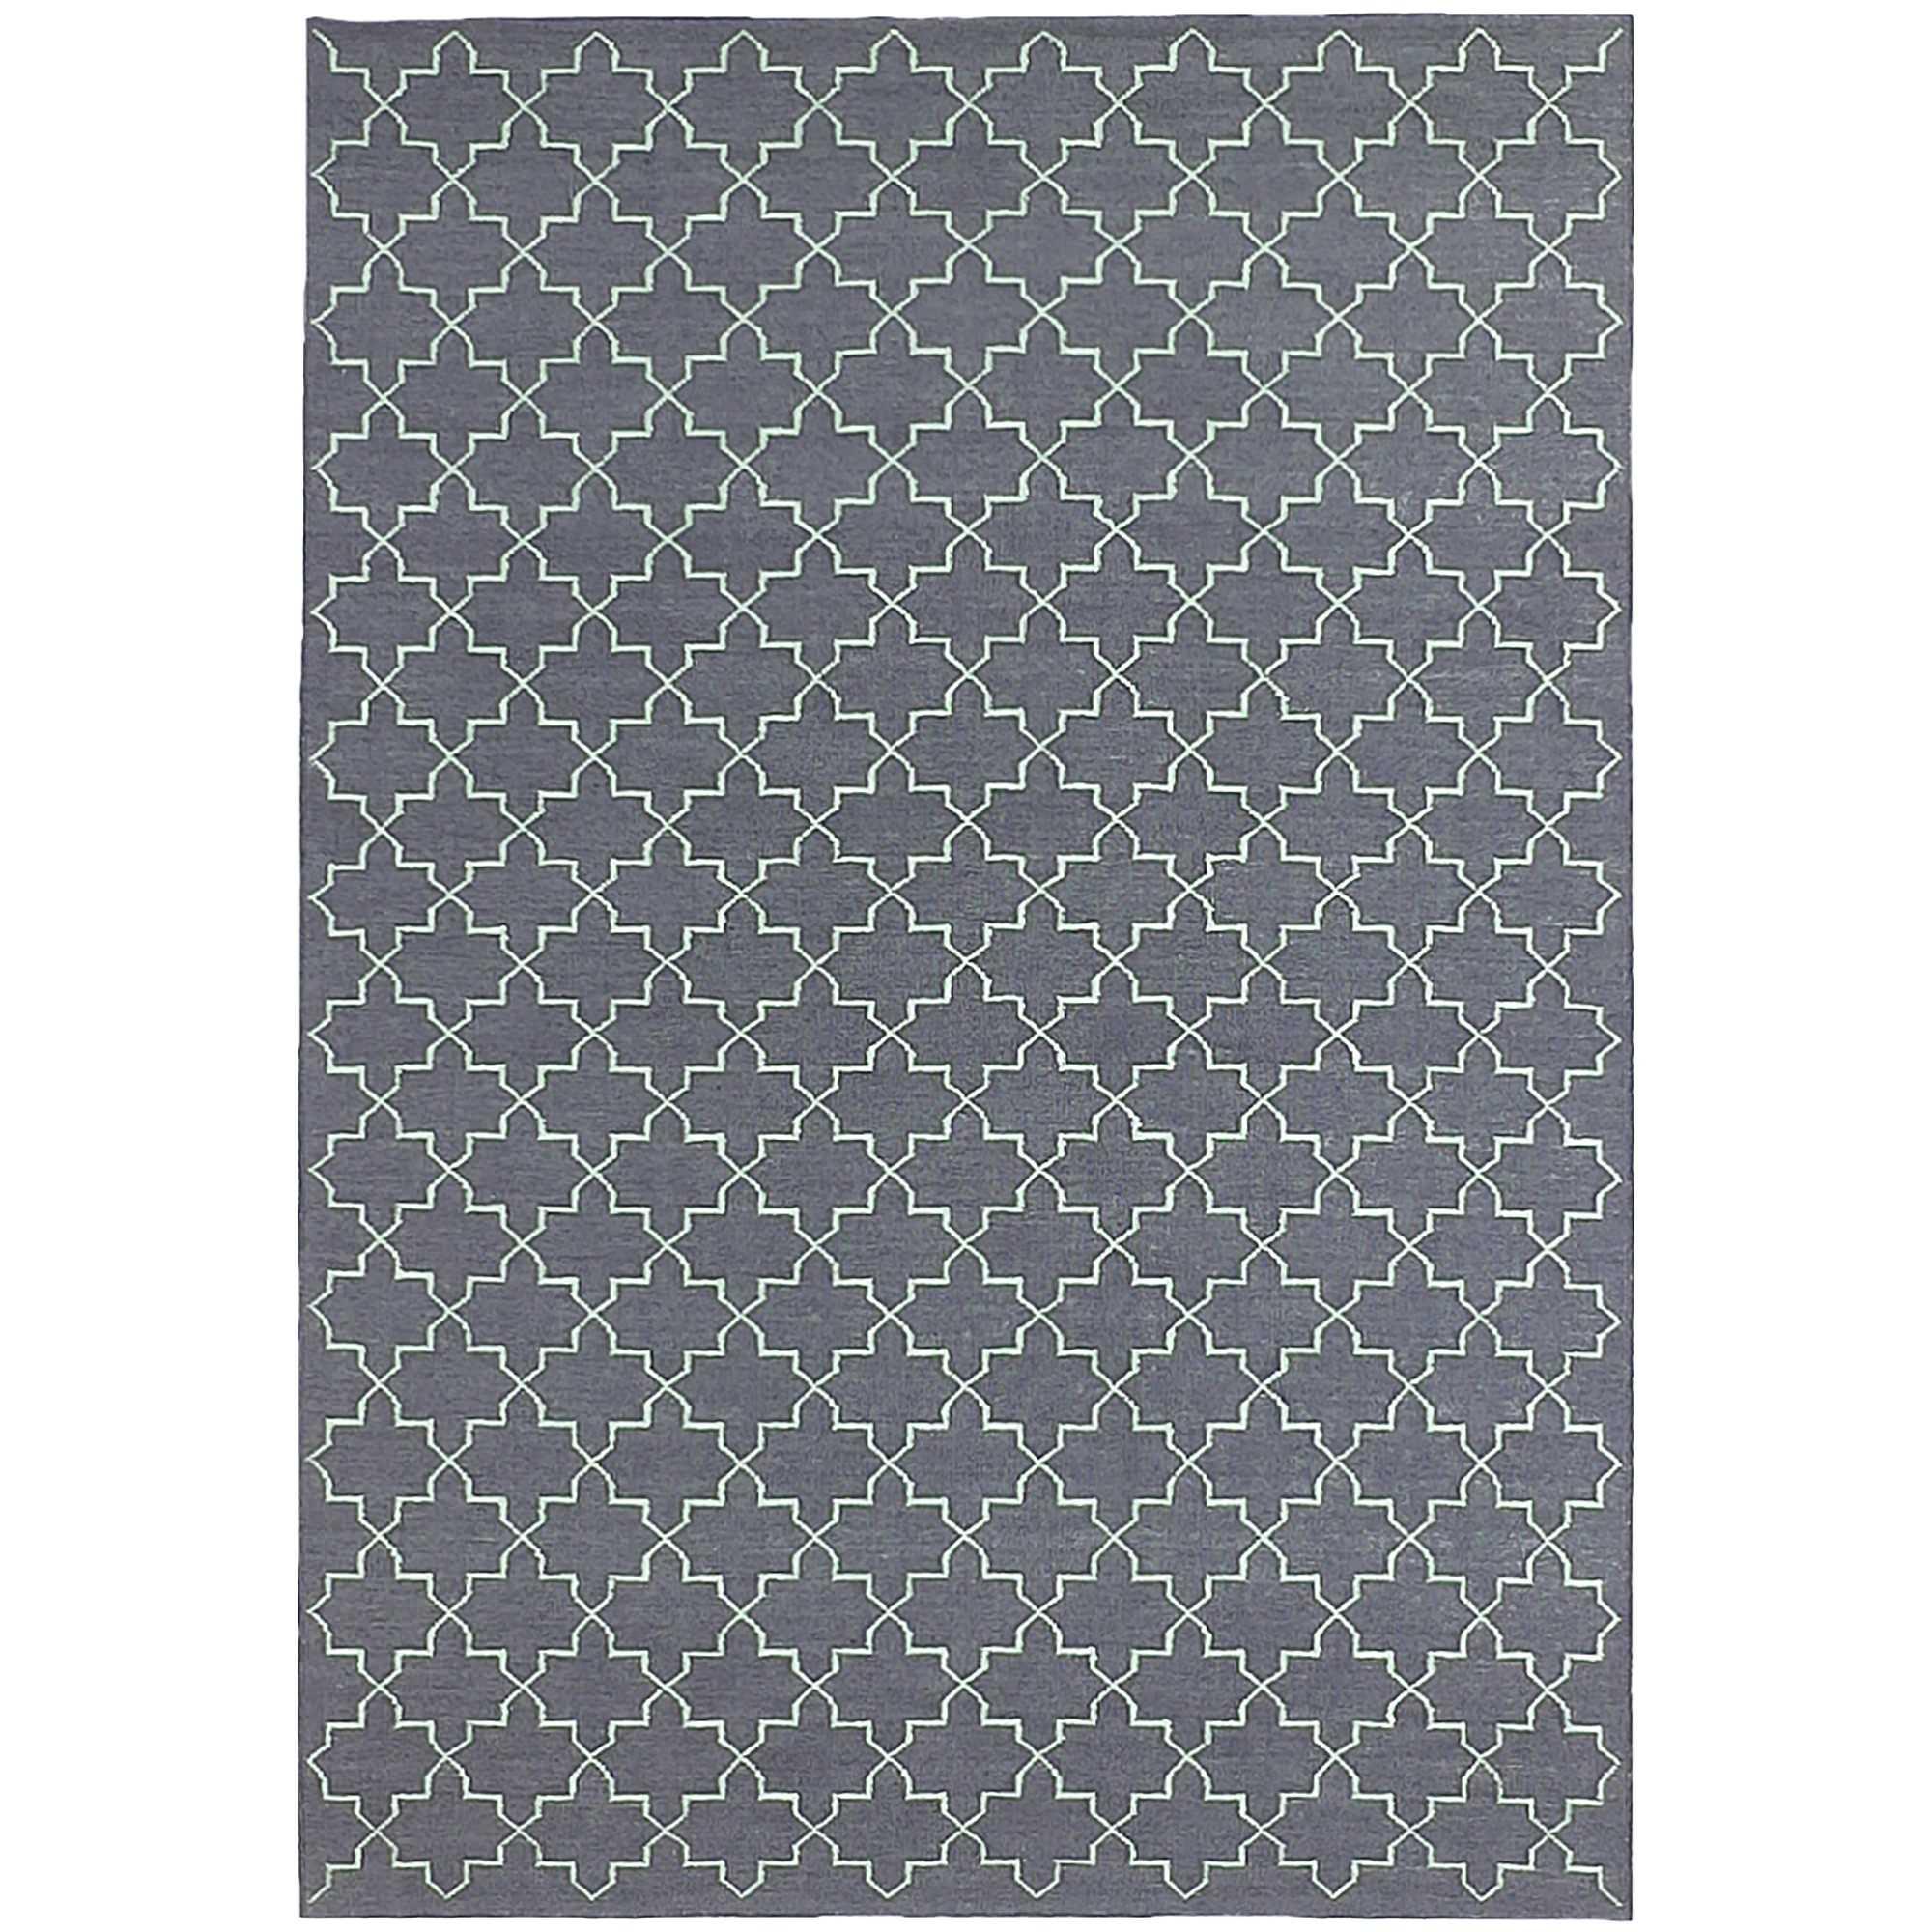 Moroc Hand Woven Wool Rug, 160x230cm, Grey